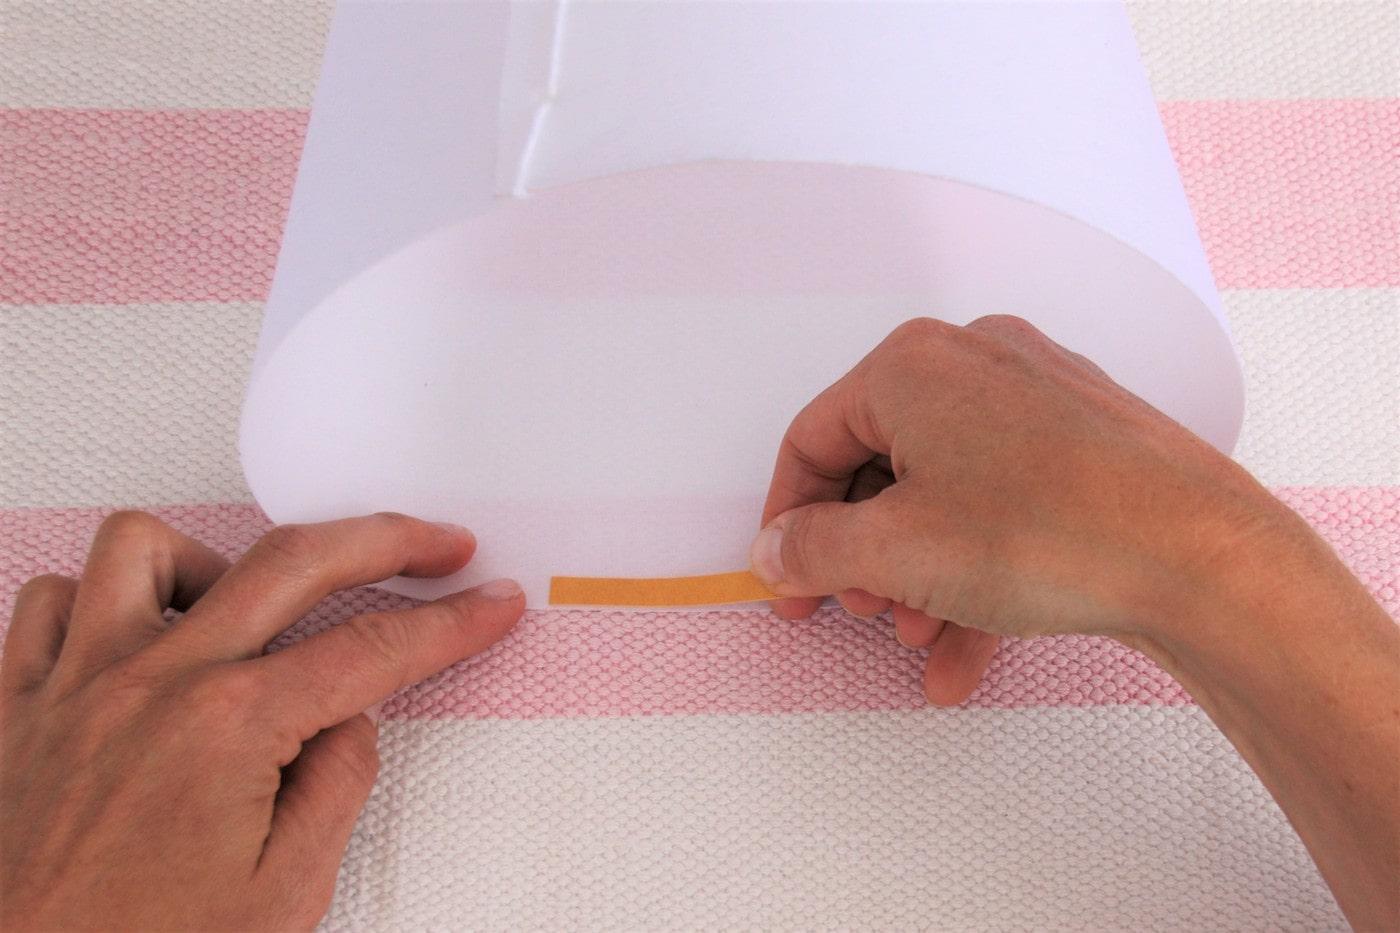 Schultütenrohling mit Klebestreifen auslegen